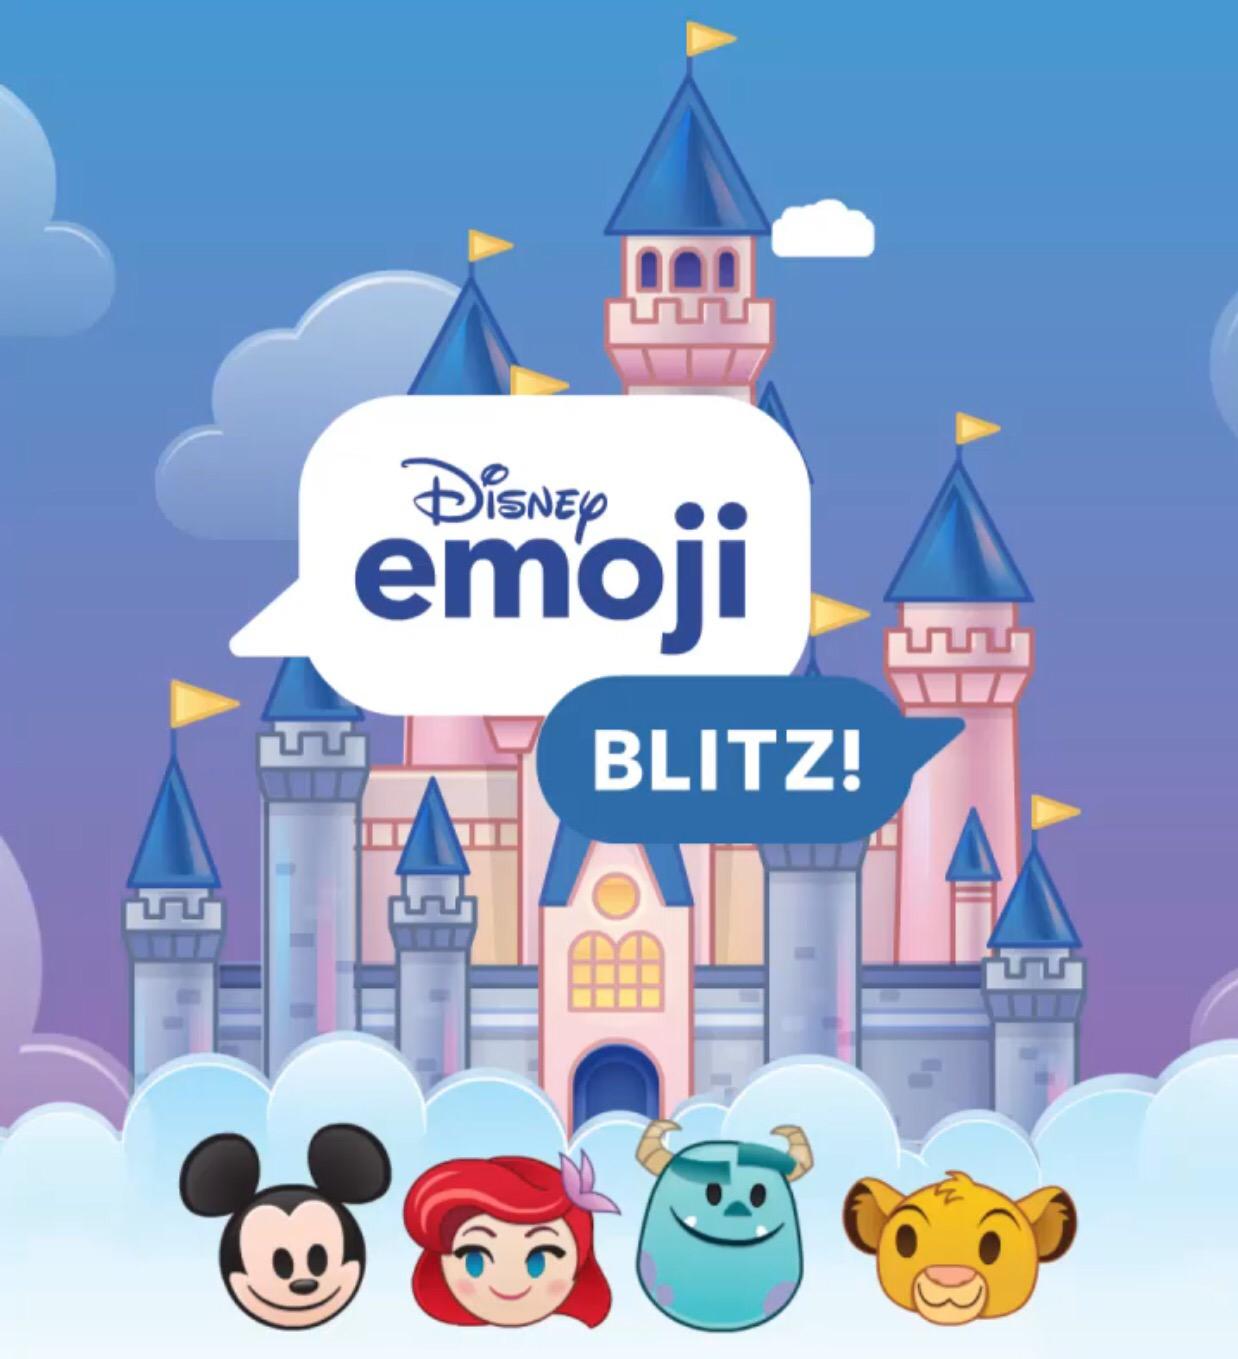 Risultati immagini per emoji blitz